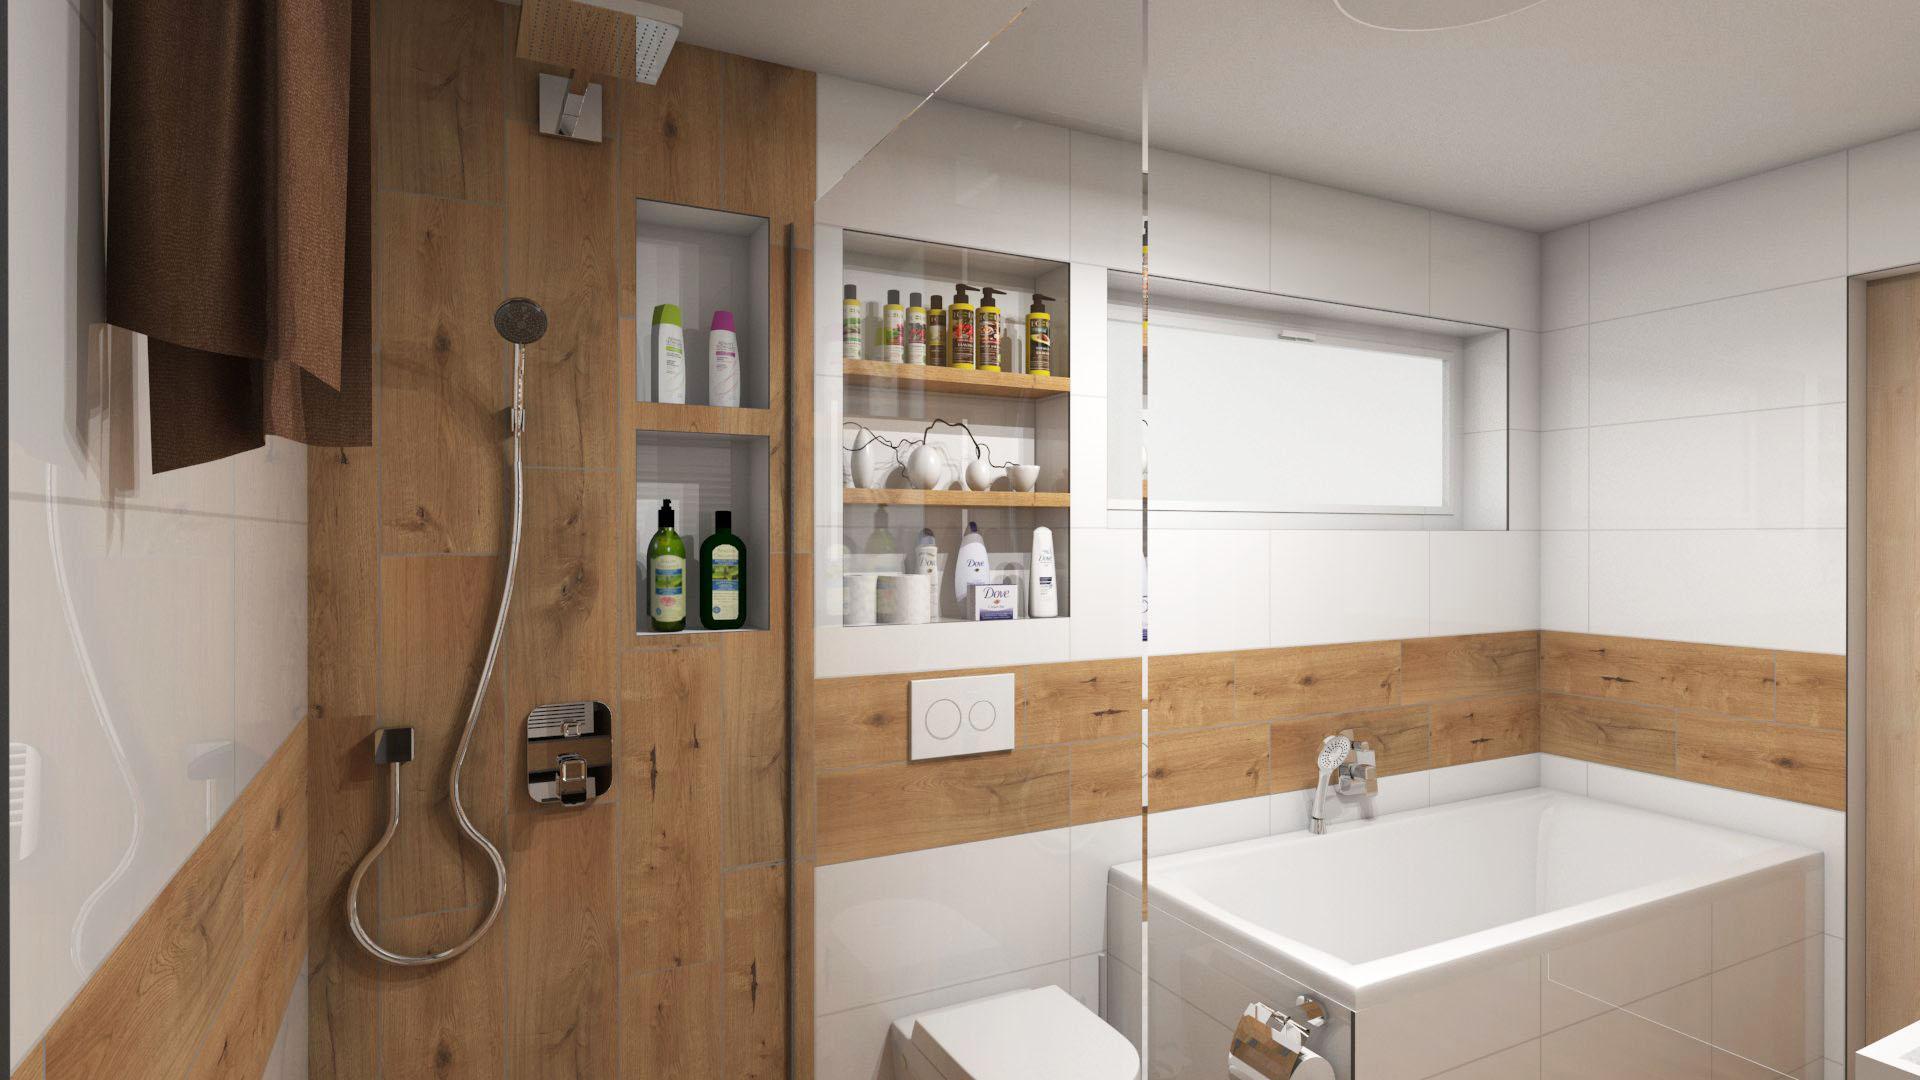 Koupelny a wc - https://www.decons.cz/galerie/koupelny-a-wc/koupelna-6/